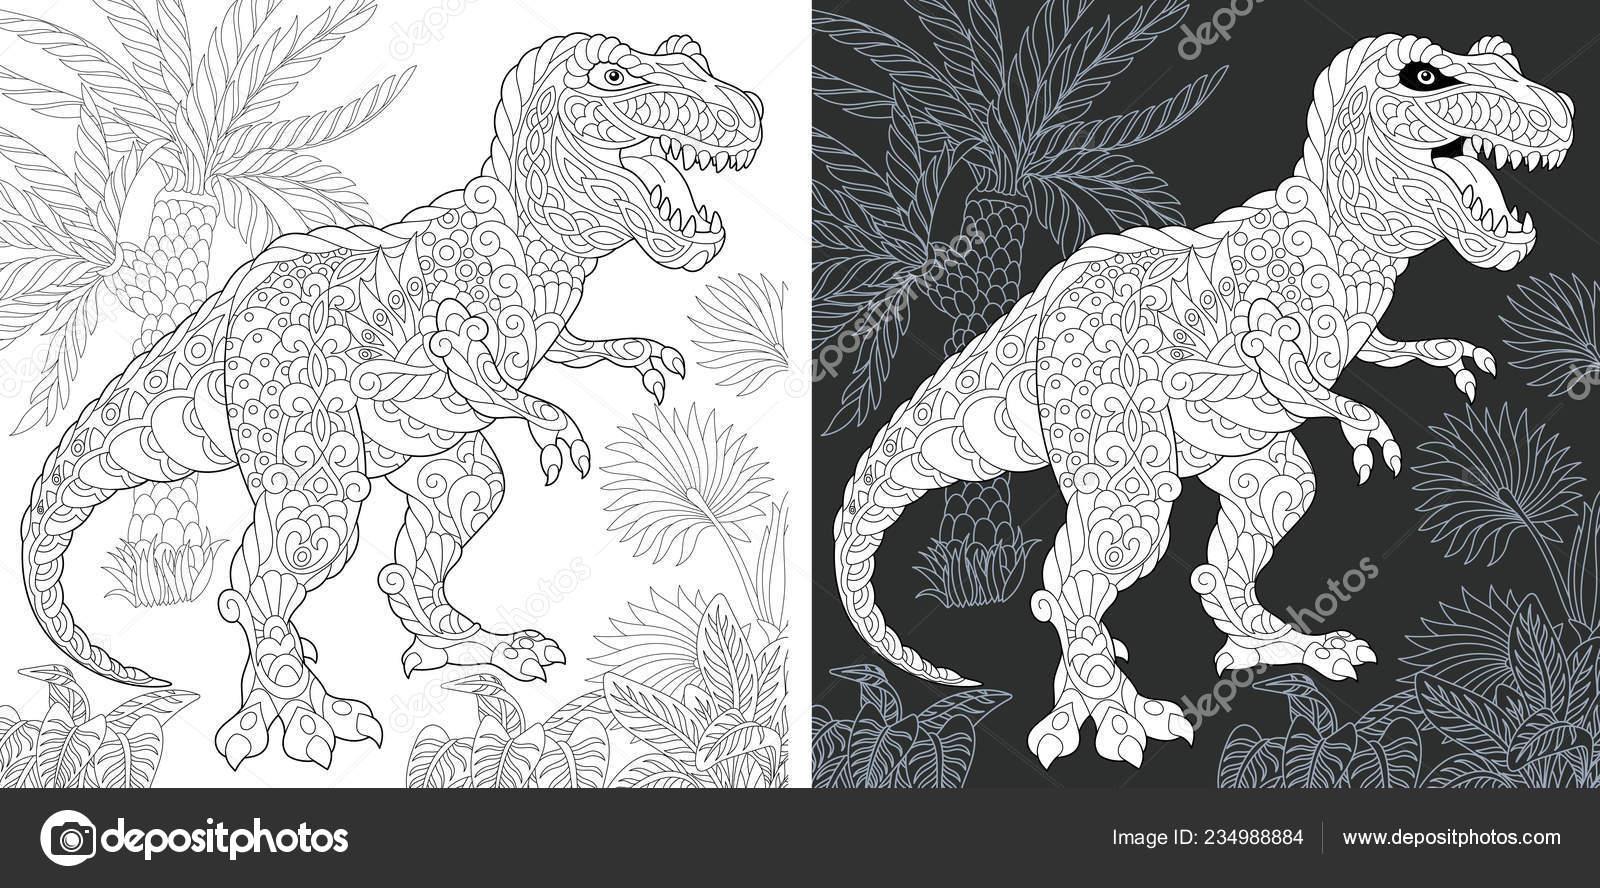 Kleurplaten Dinosaurus Rex.Kleurplaat Dinosaur Collectie Kleuren Van Foto Met Tyrannosaurus Rex